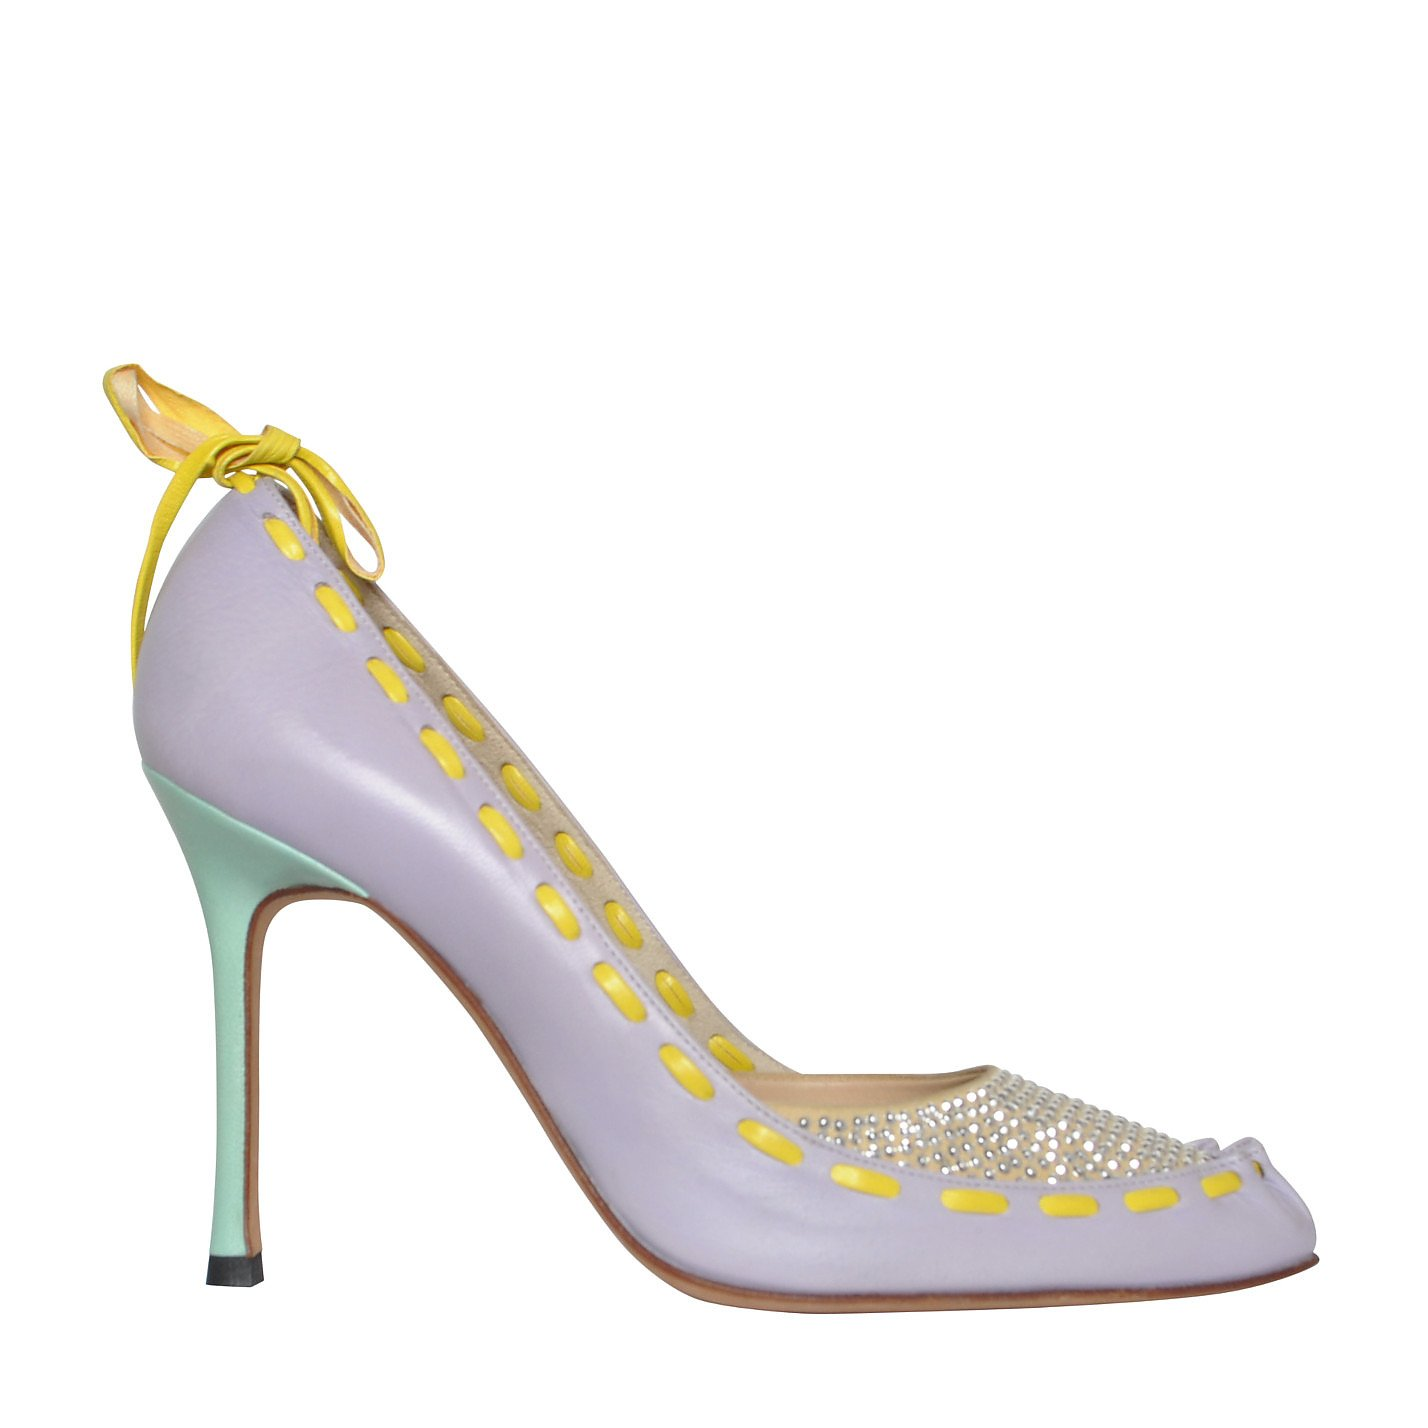 Versace Embellished Pastel Pumps